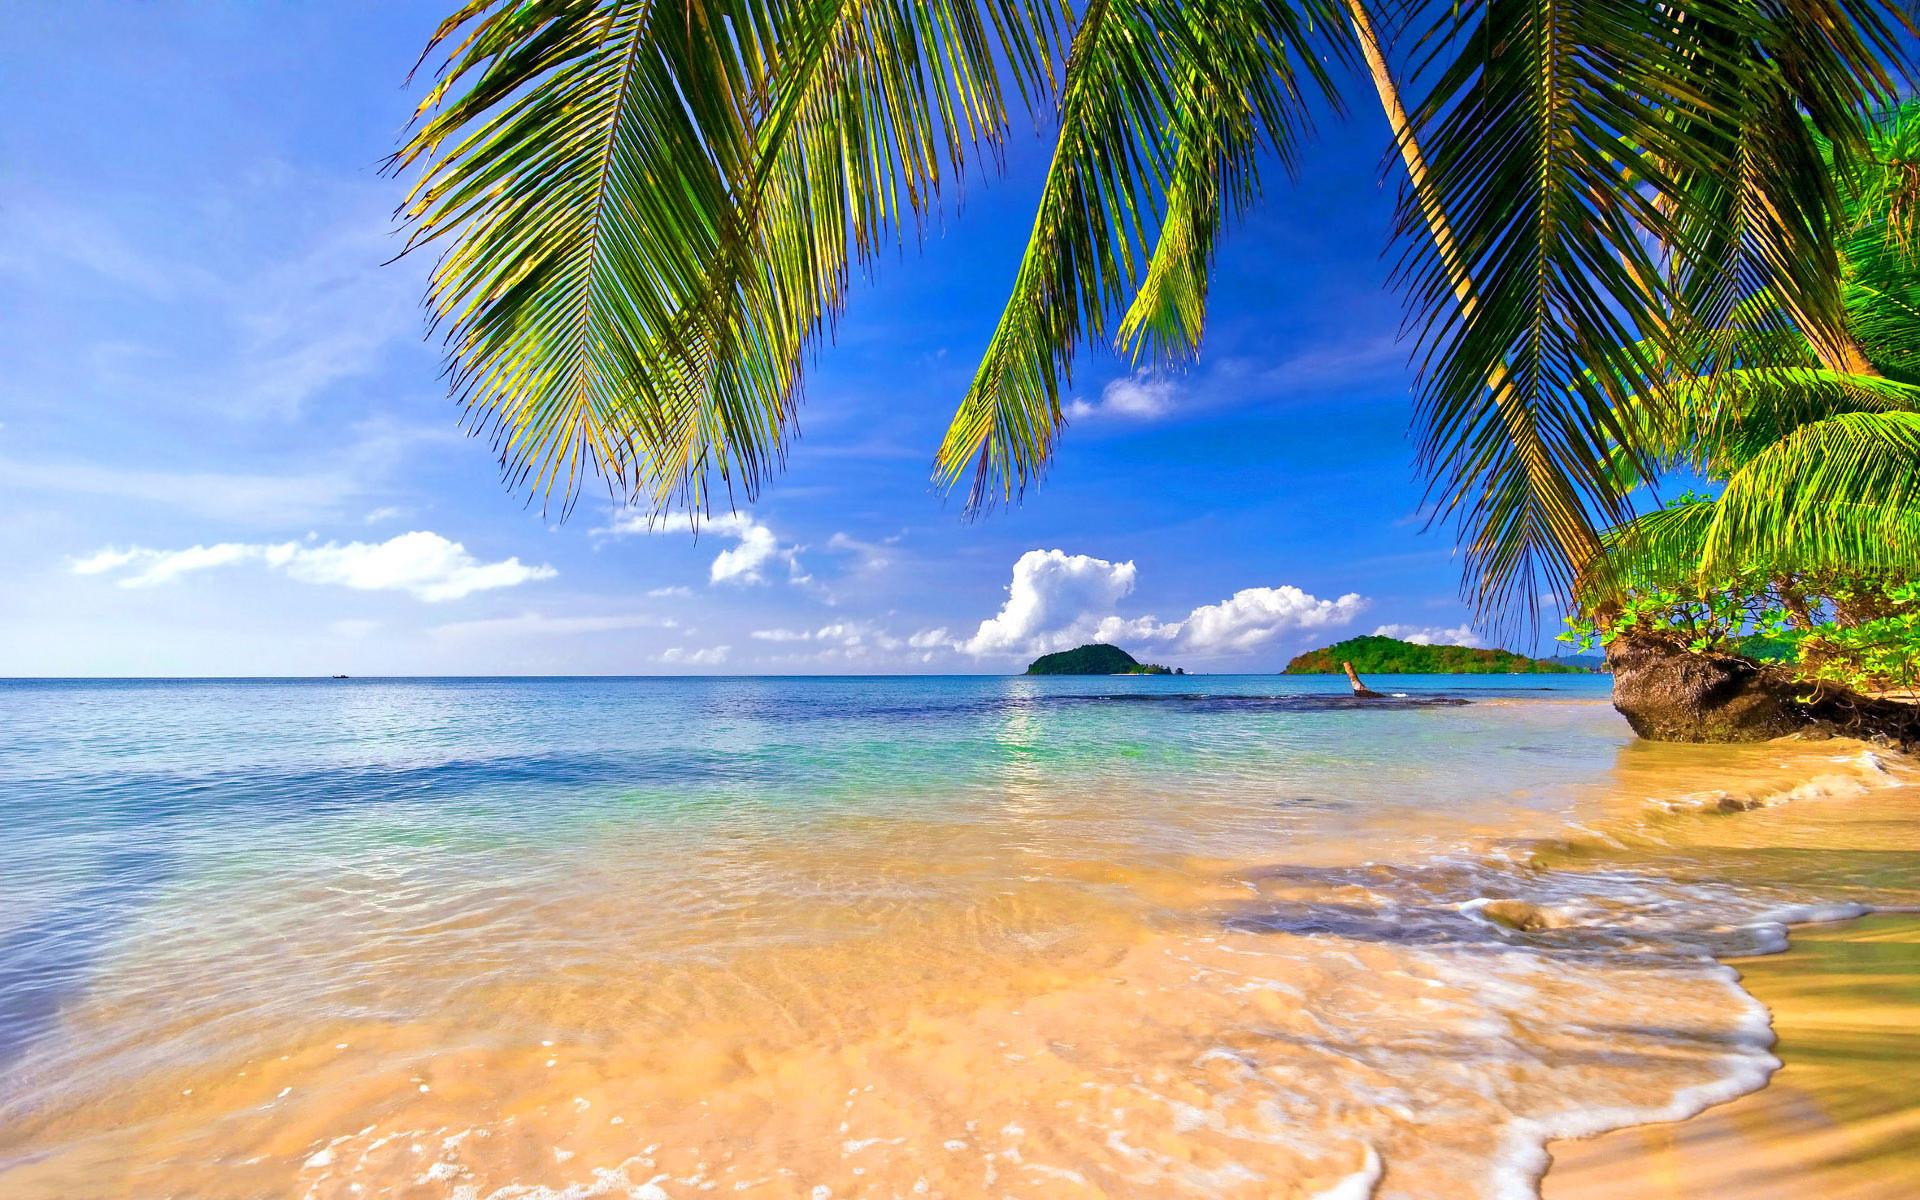 1920x1200 Best Beaches Desktop Wallpapers Images HD Wallpaper